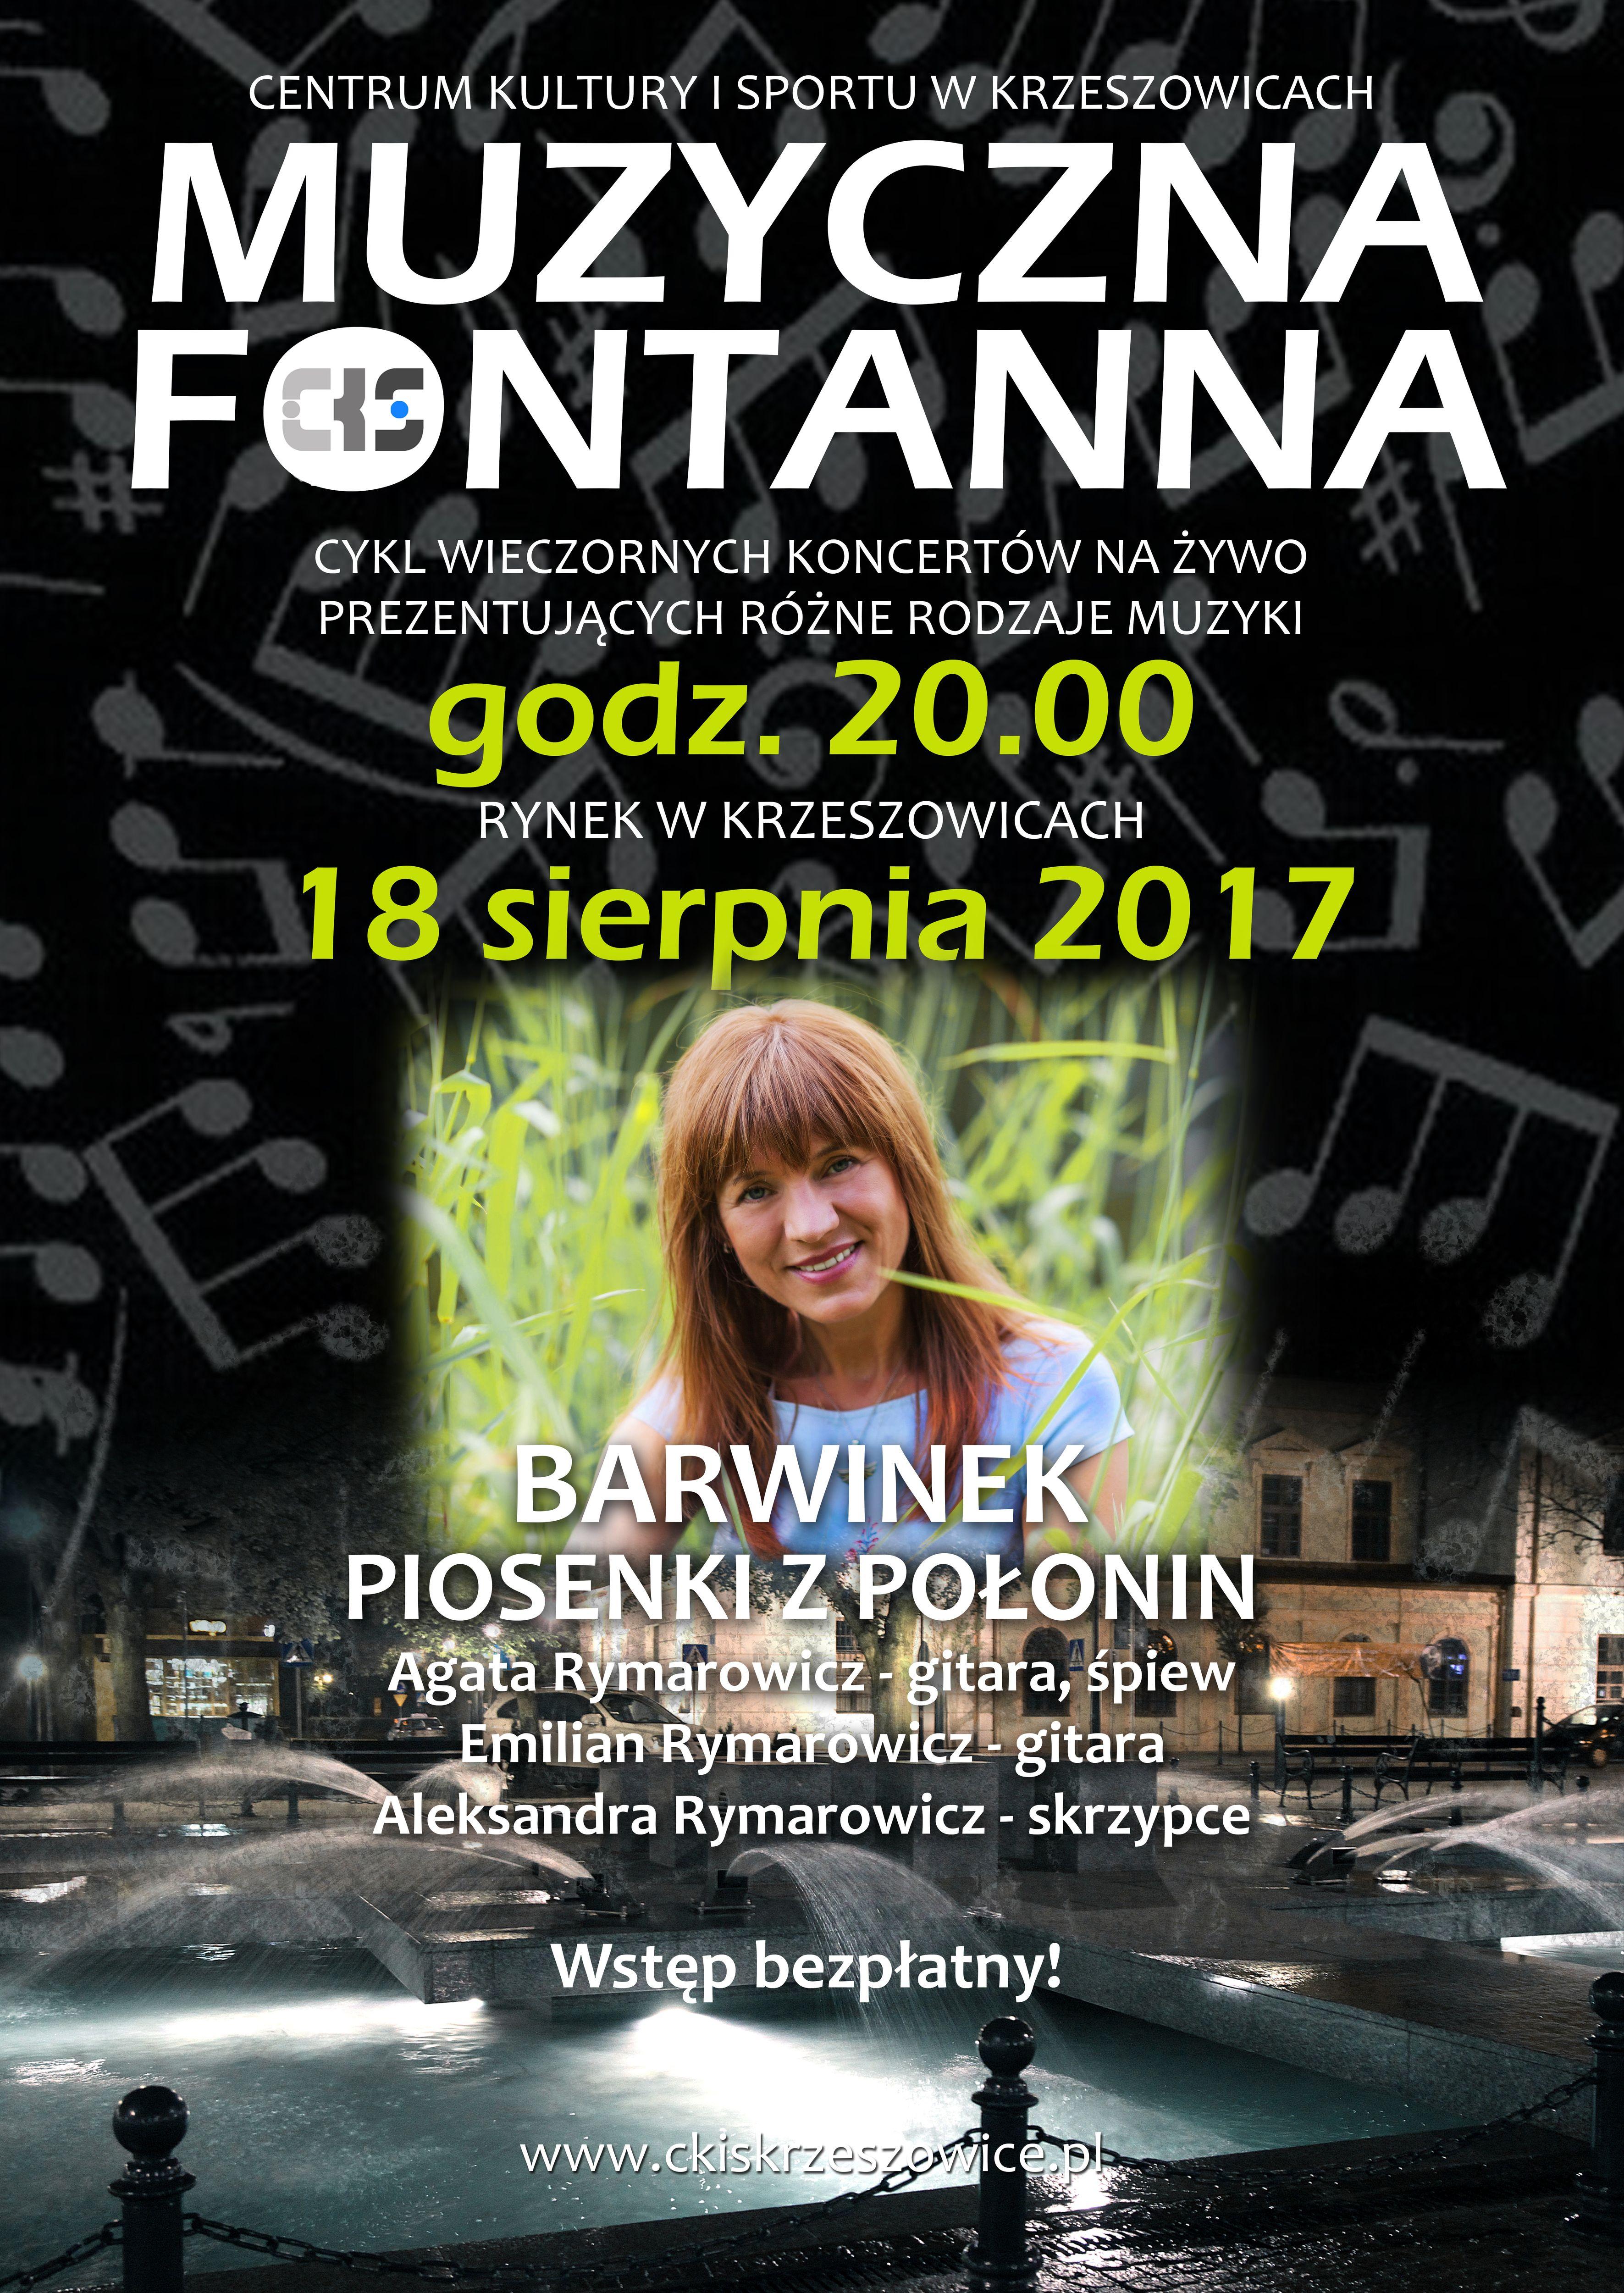 Muzyczna Fontanna @ Rynek | małopolskie | Polska